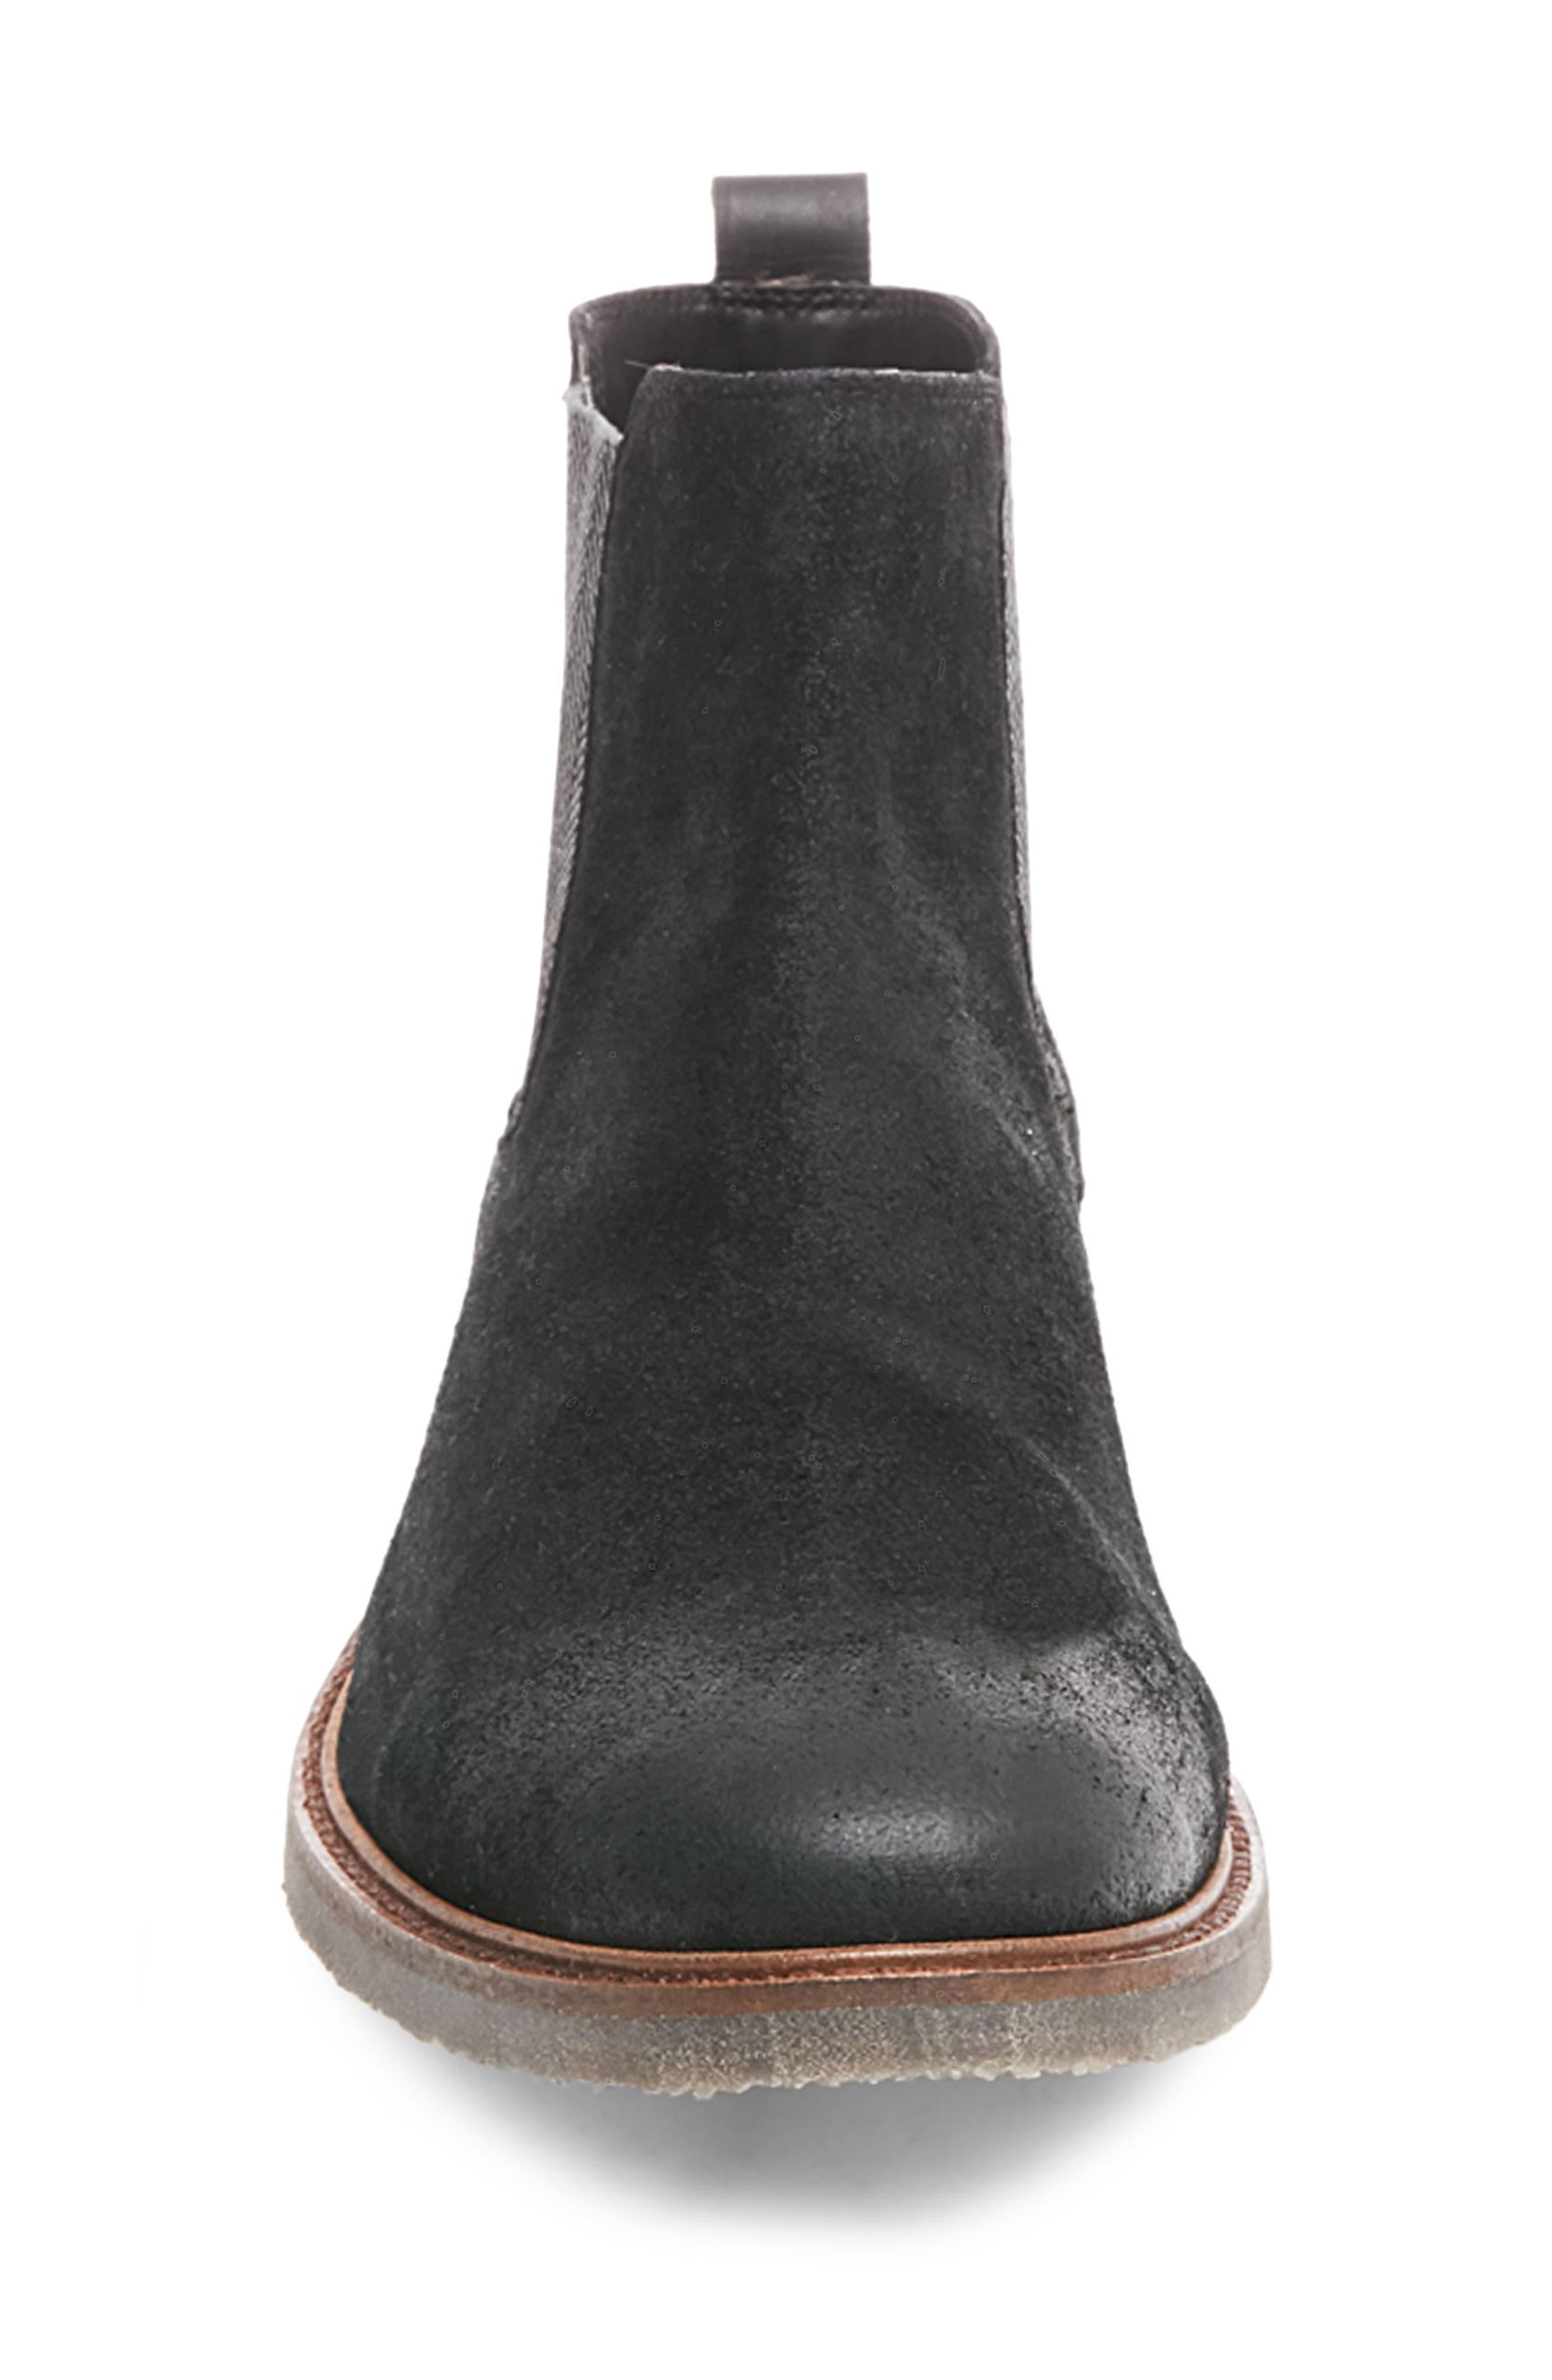 Teller Chelsea Boot,                             Alternate thumbnail 4, color,                             006